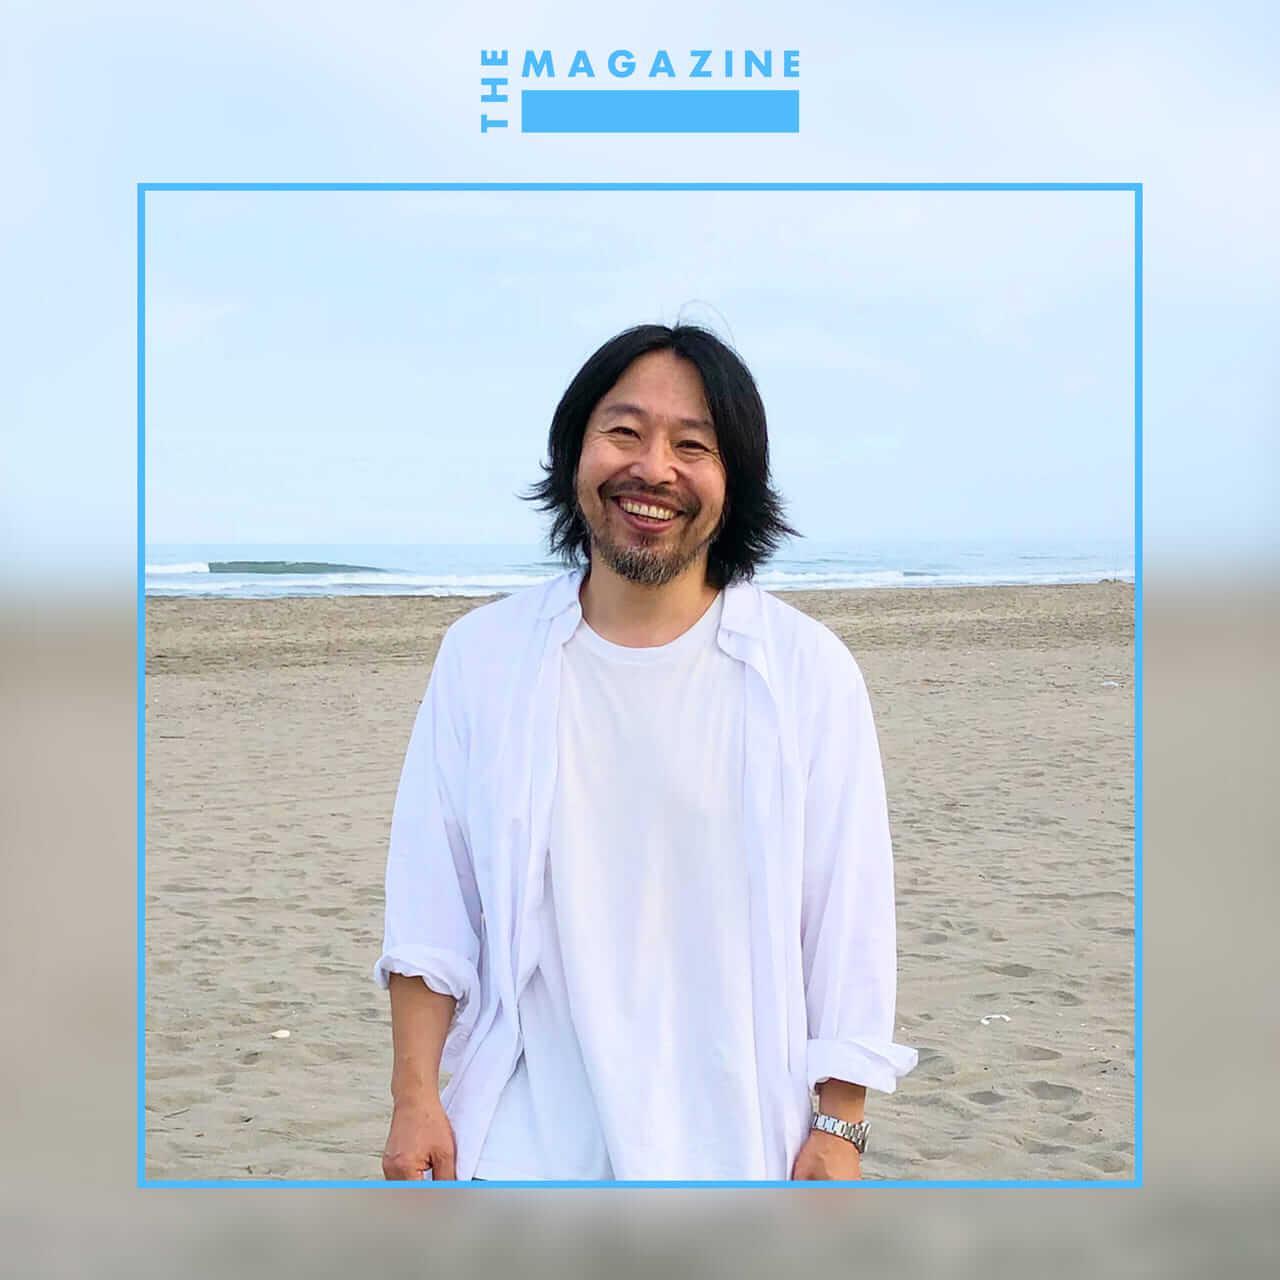 曽我部恵一 : 暑い夏にインスピレーションをくれた曲たち